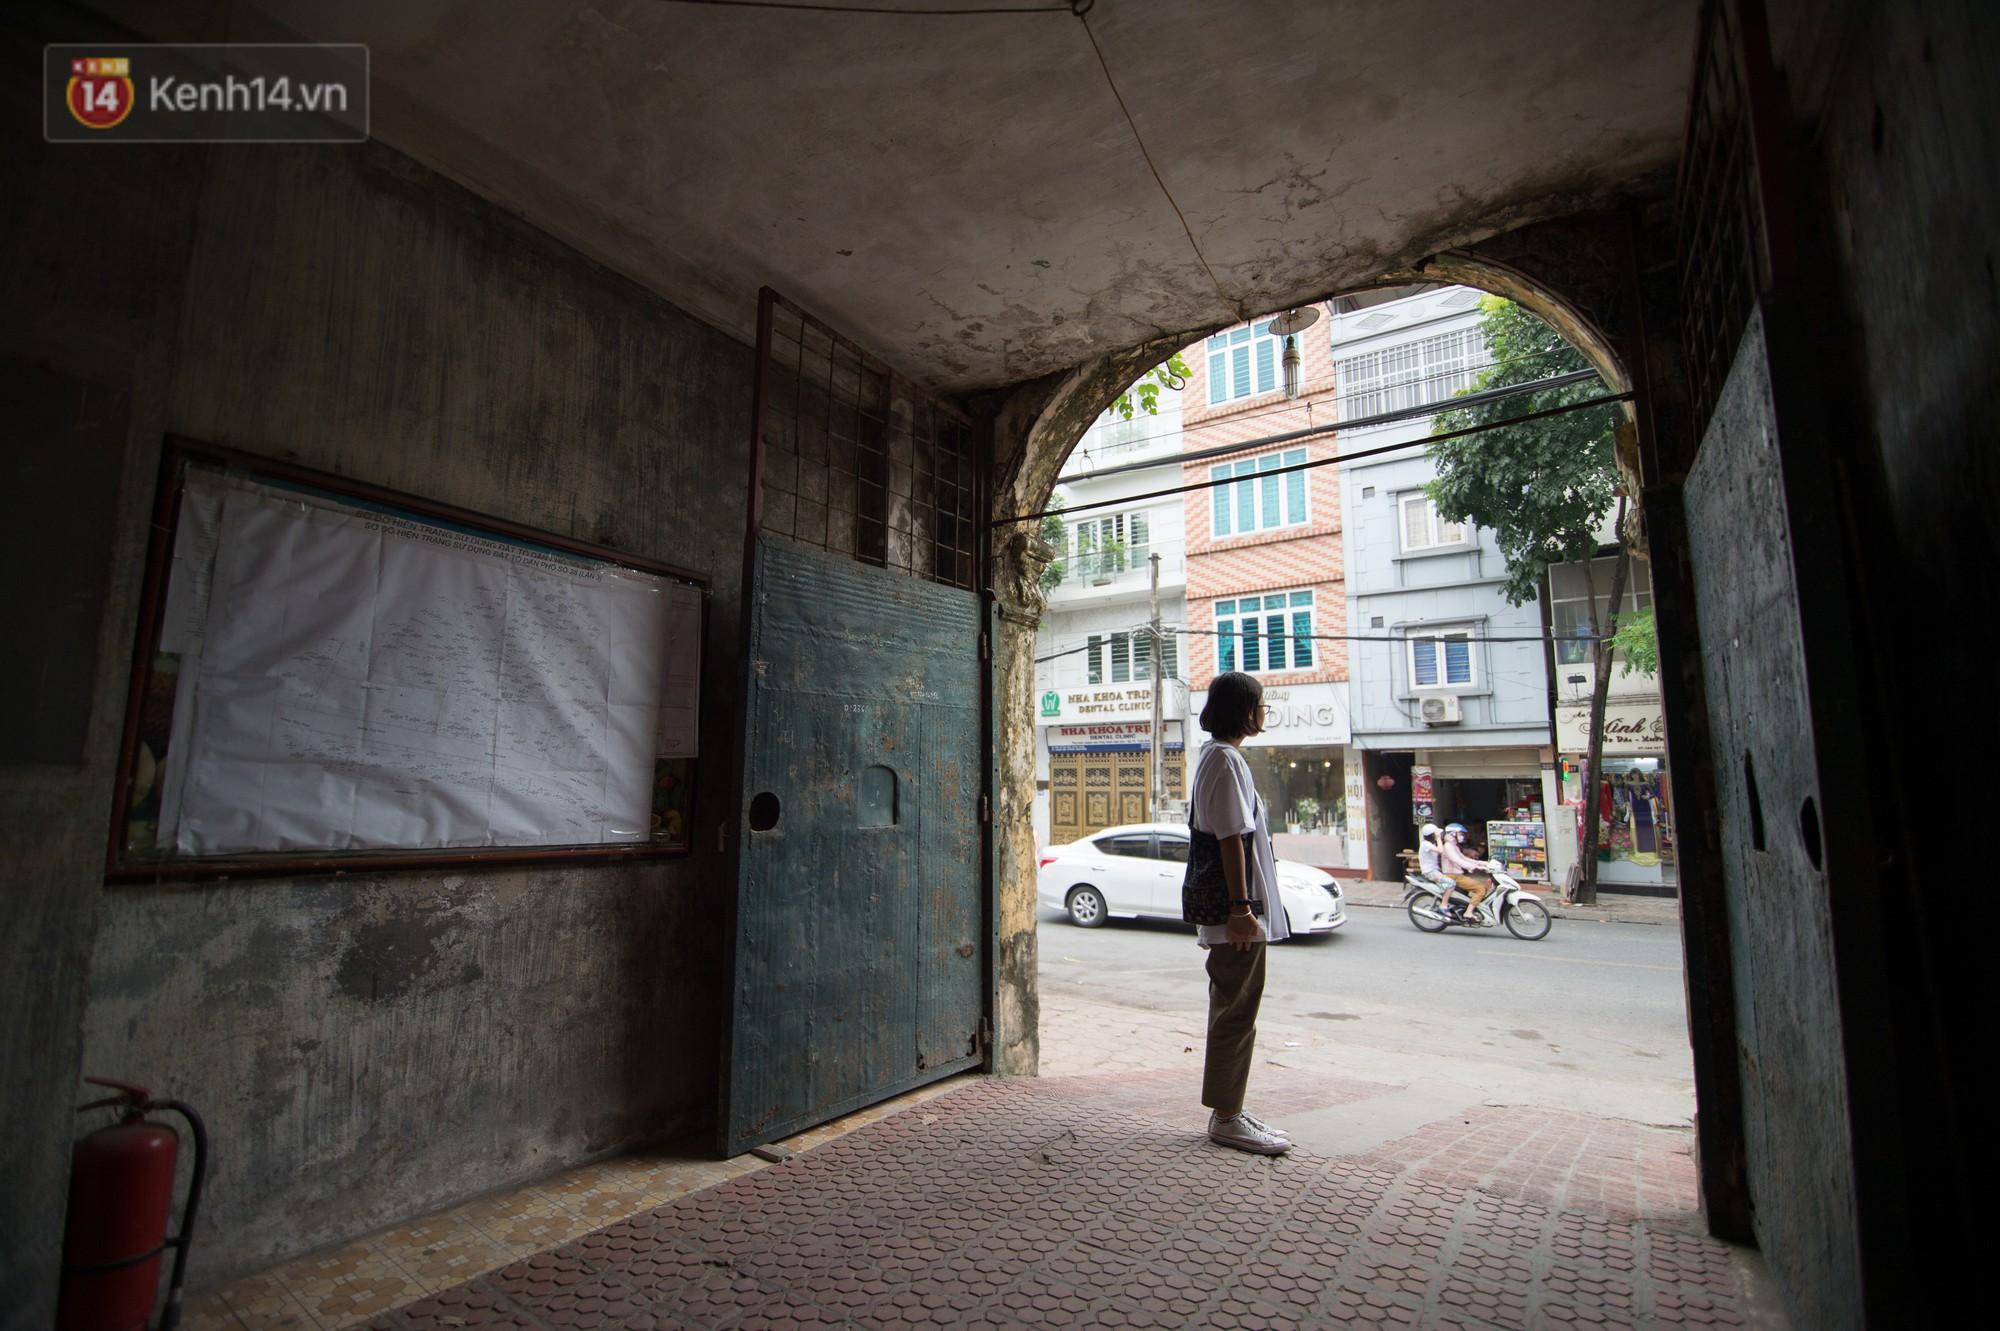 Chuyện về một con phố có nhiều cổng làng nhất Hà Nội: Đưa chân qua cổng phải tôn trọng nếp làng 5